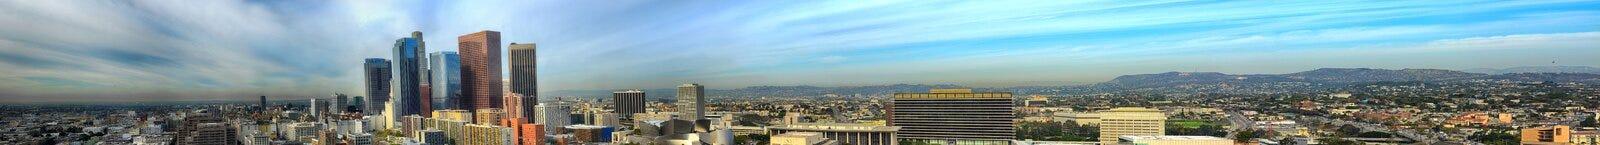 Termine el pano de Los Ángeles Imágenes de archivo libres de regalías